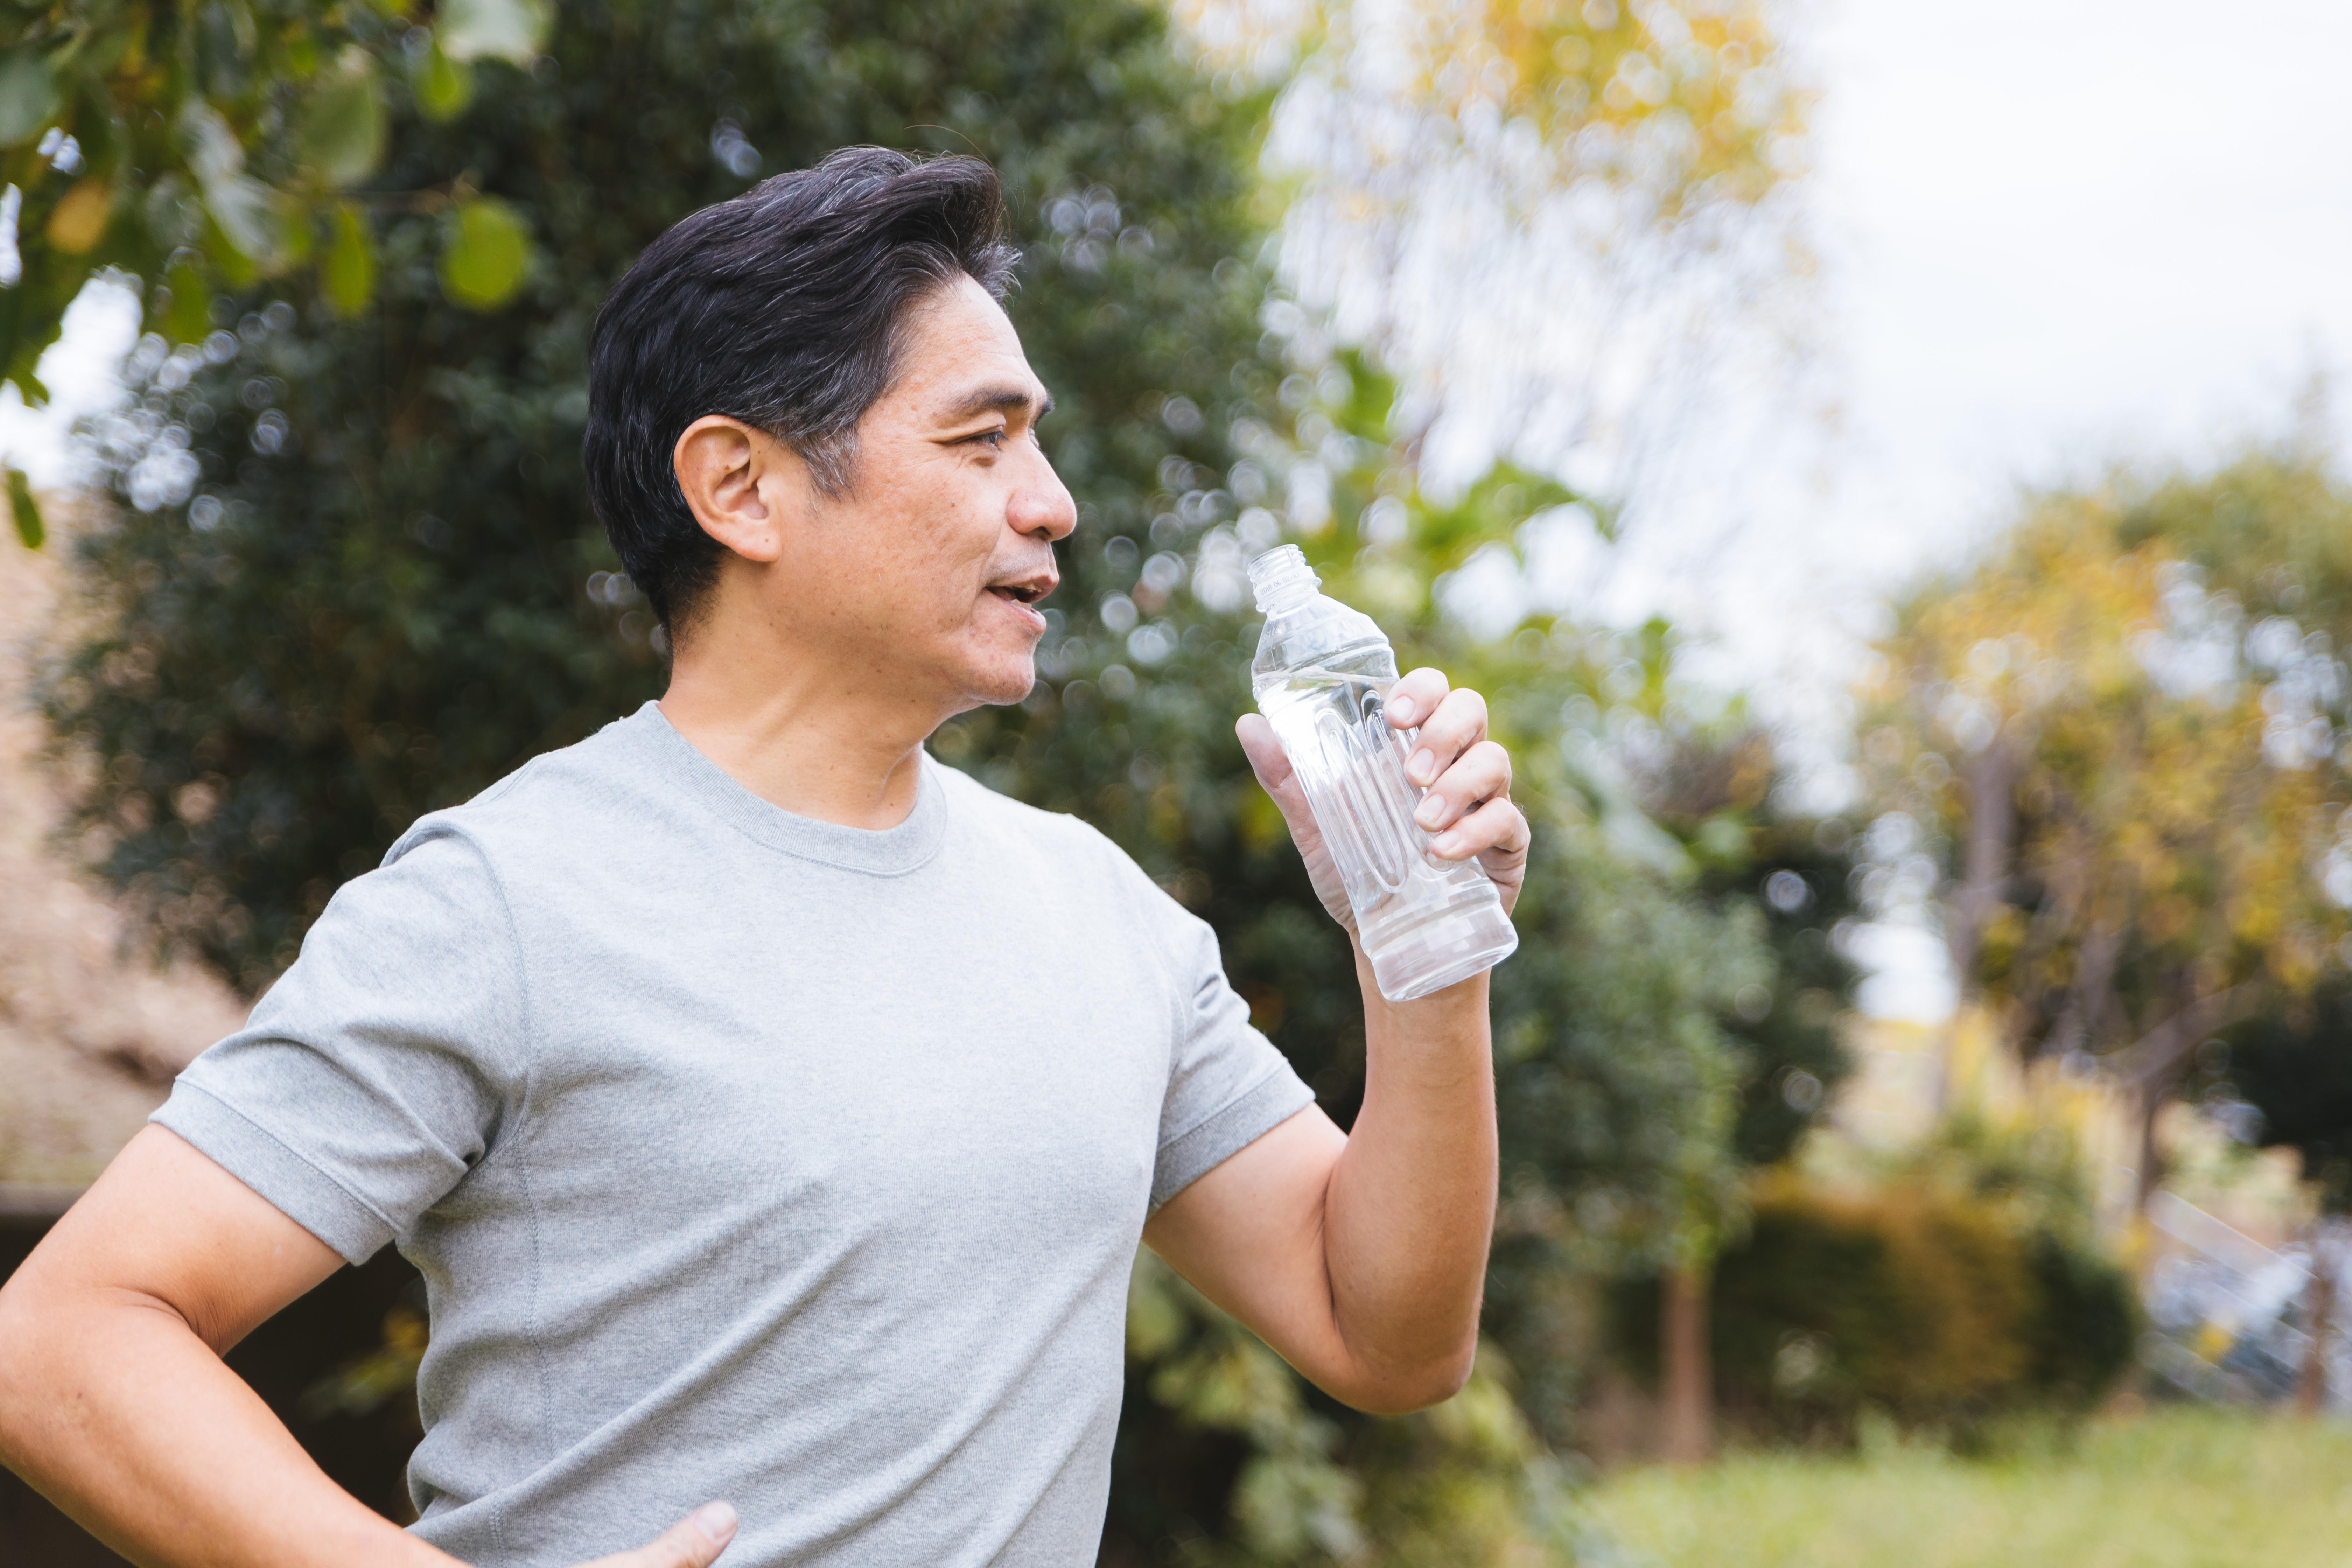 ▲中年人,喝水,健康。(圖/取自免費圖庫pakutaso)